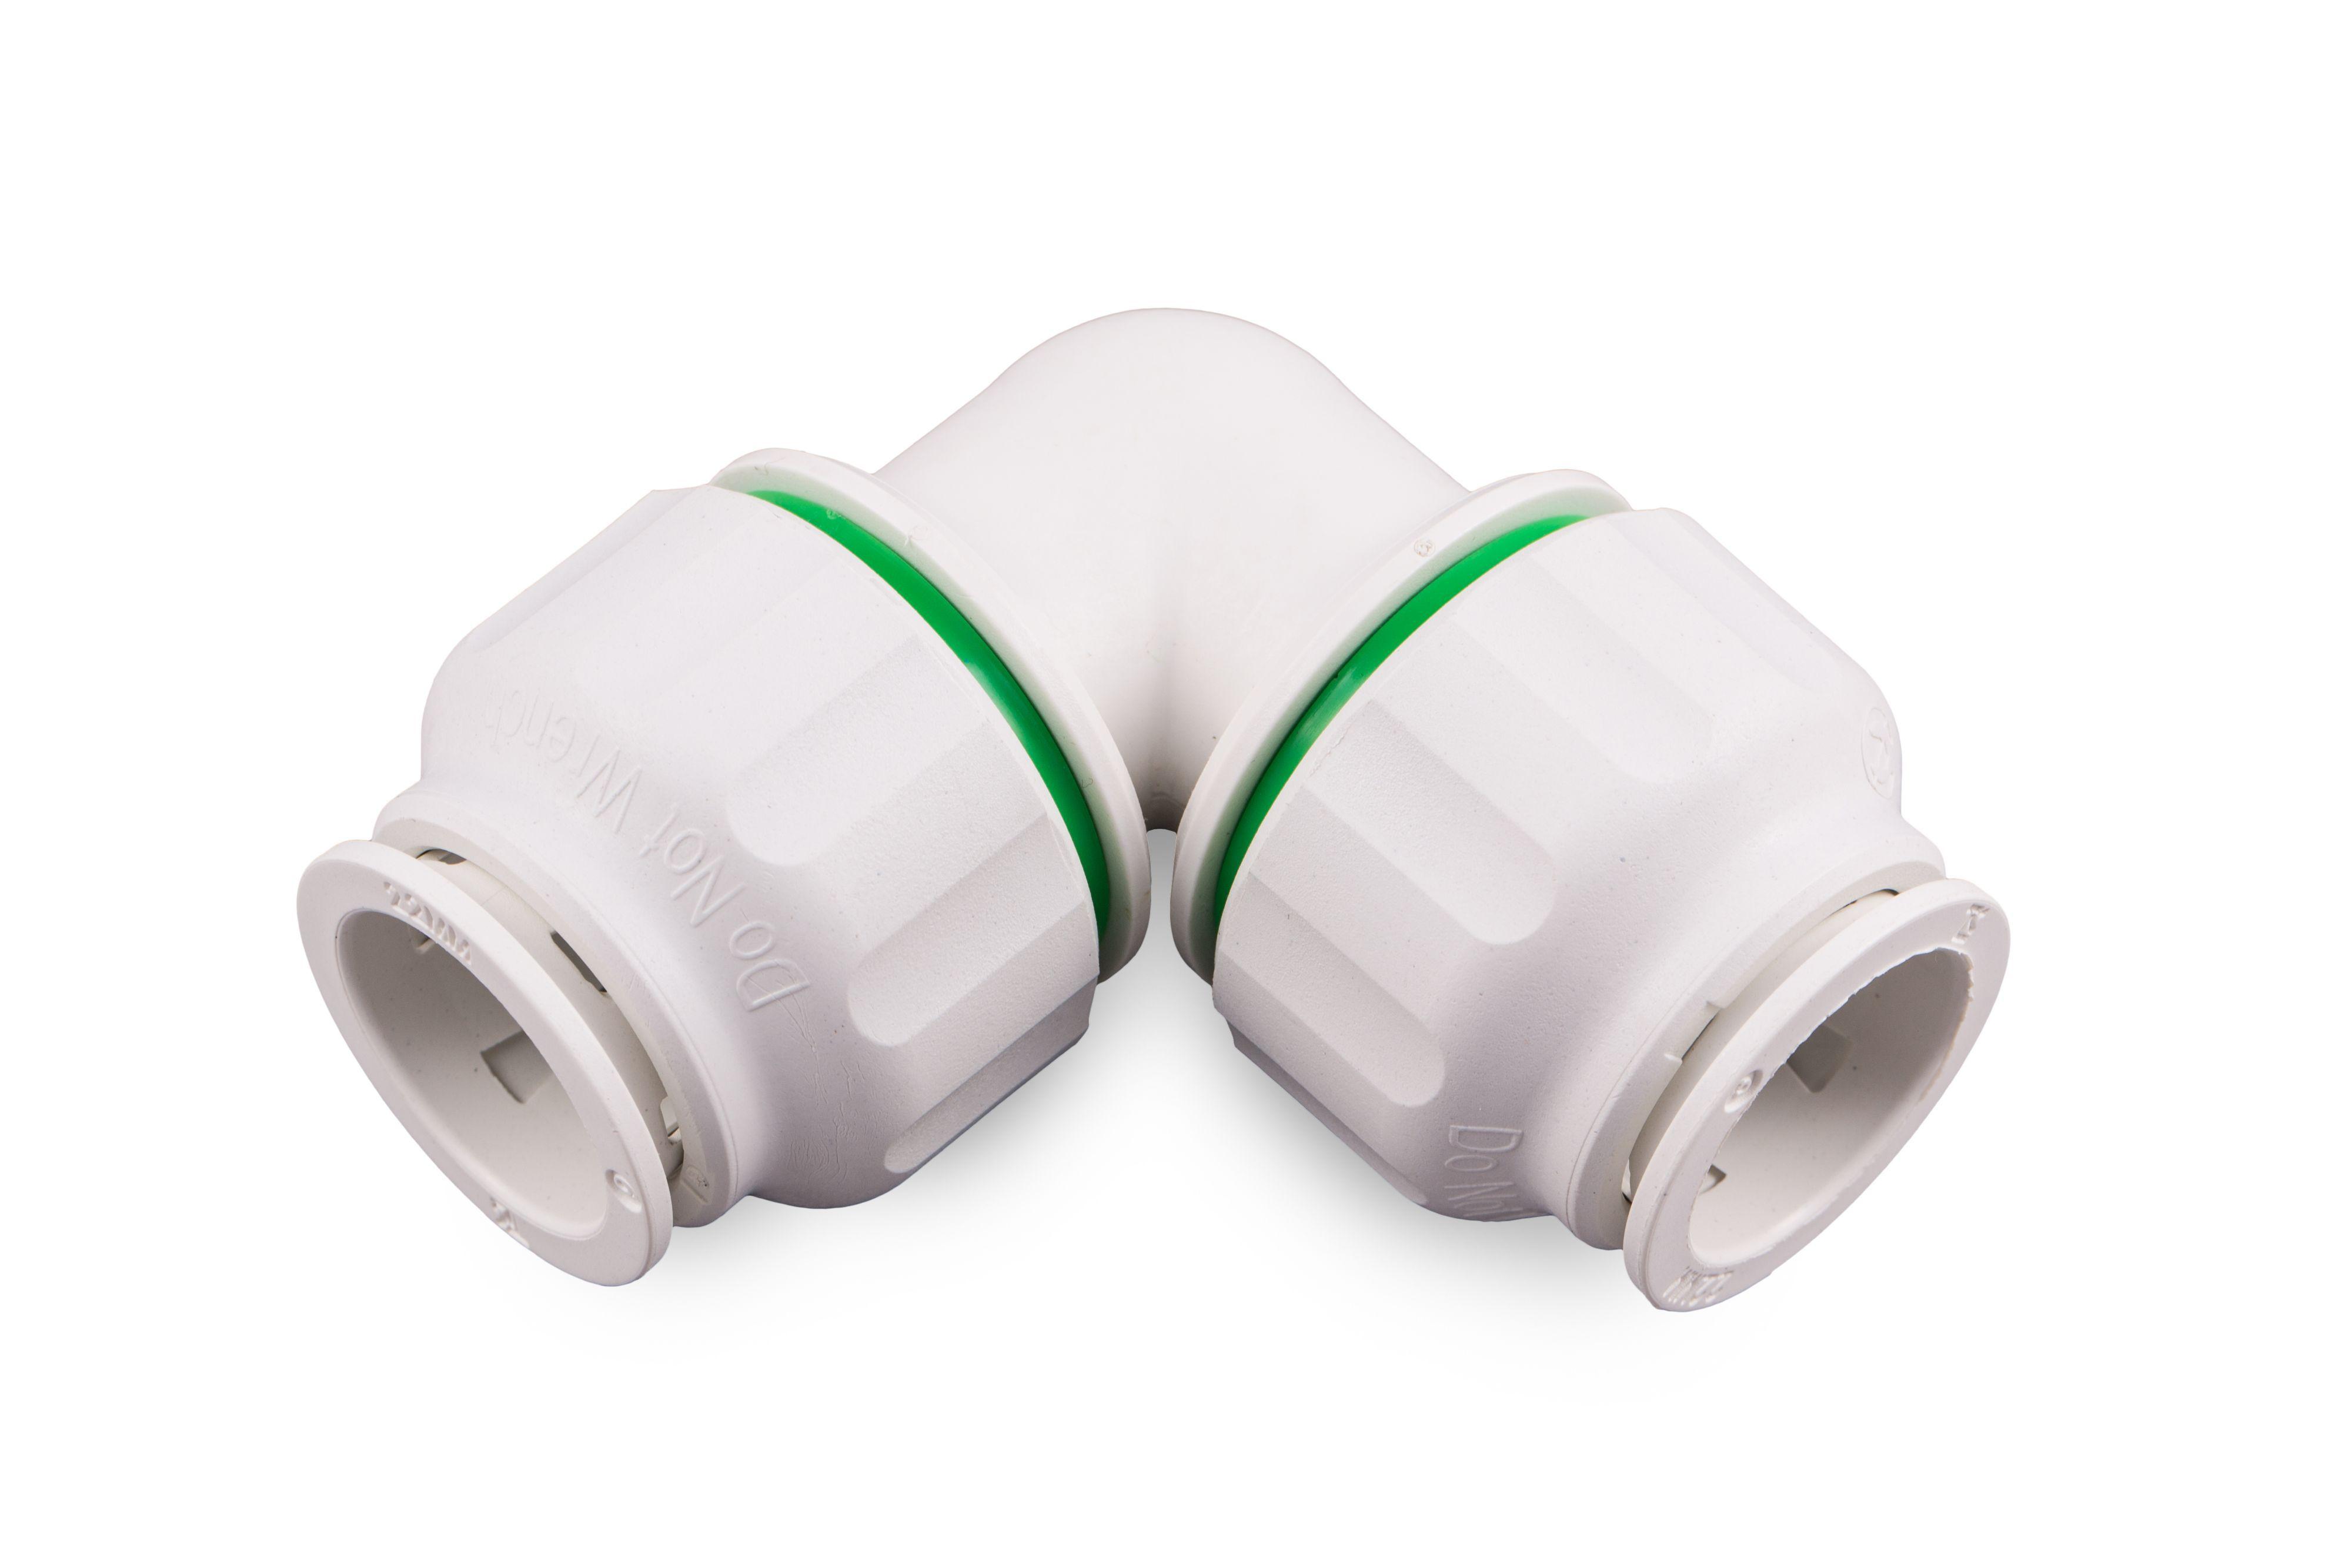 Plumbsure Push Fit Elbow Dia 22mm Departments Diy At B Amp Q